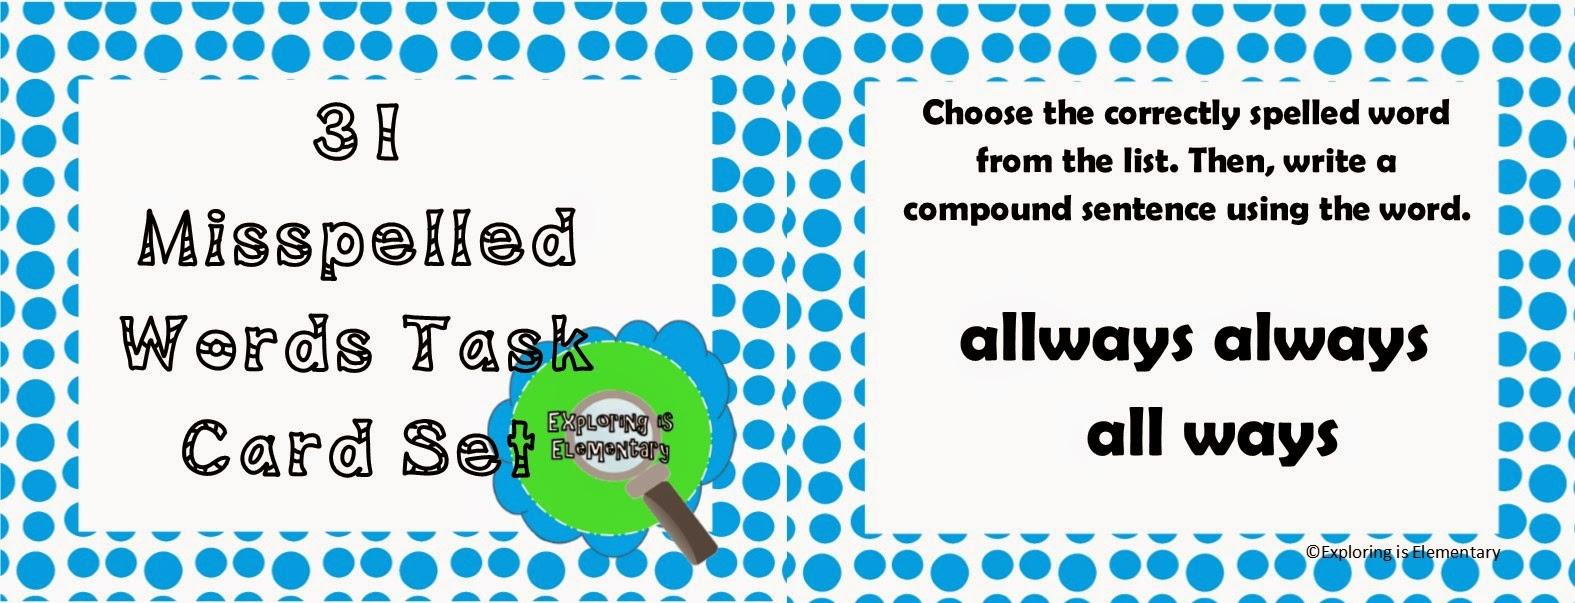 31 Misspelled Words Task Card Set